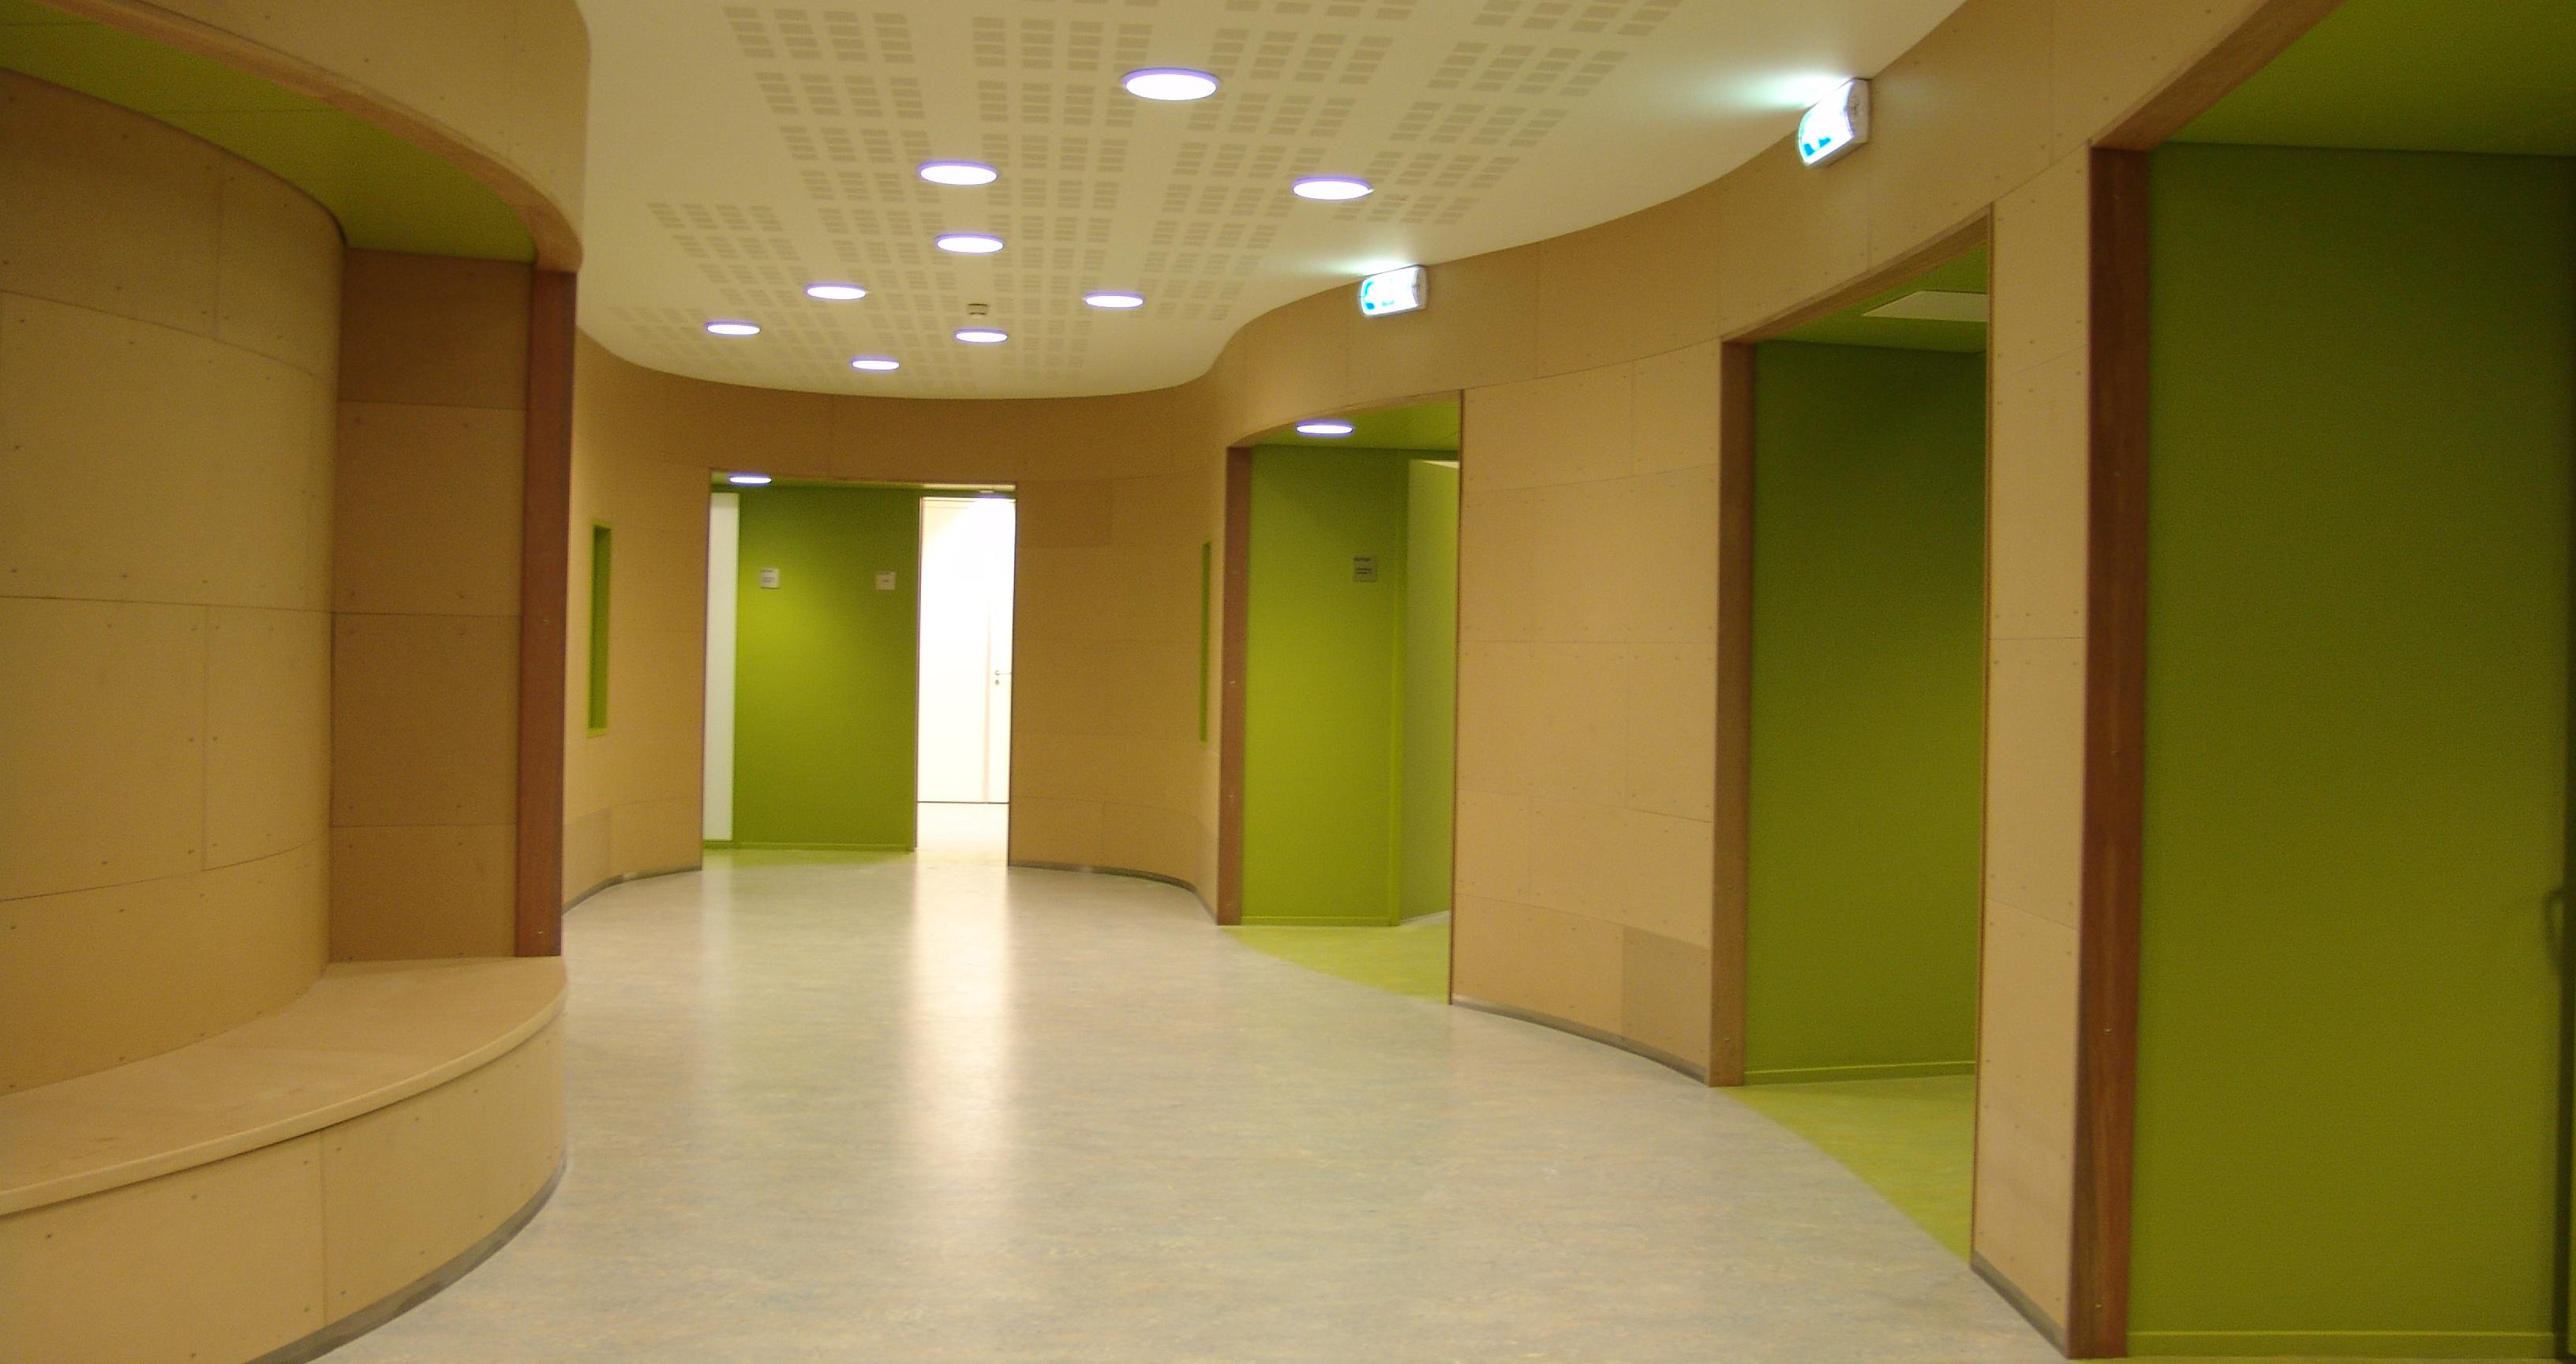 zorg-vastgoed-jeugdpsychiatrie-de-fjord